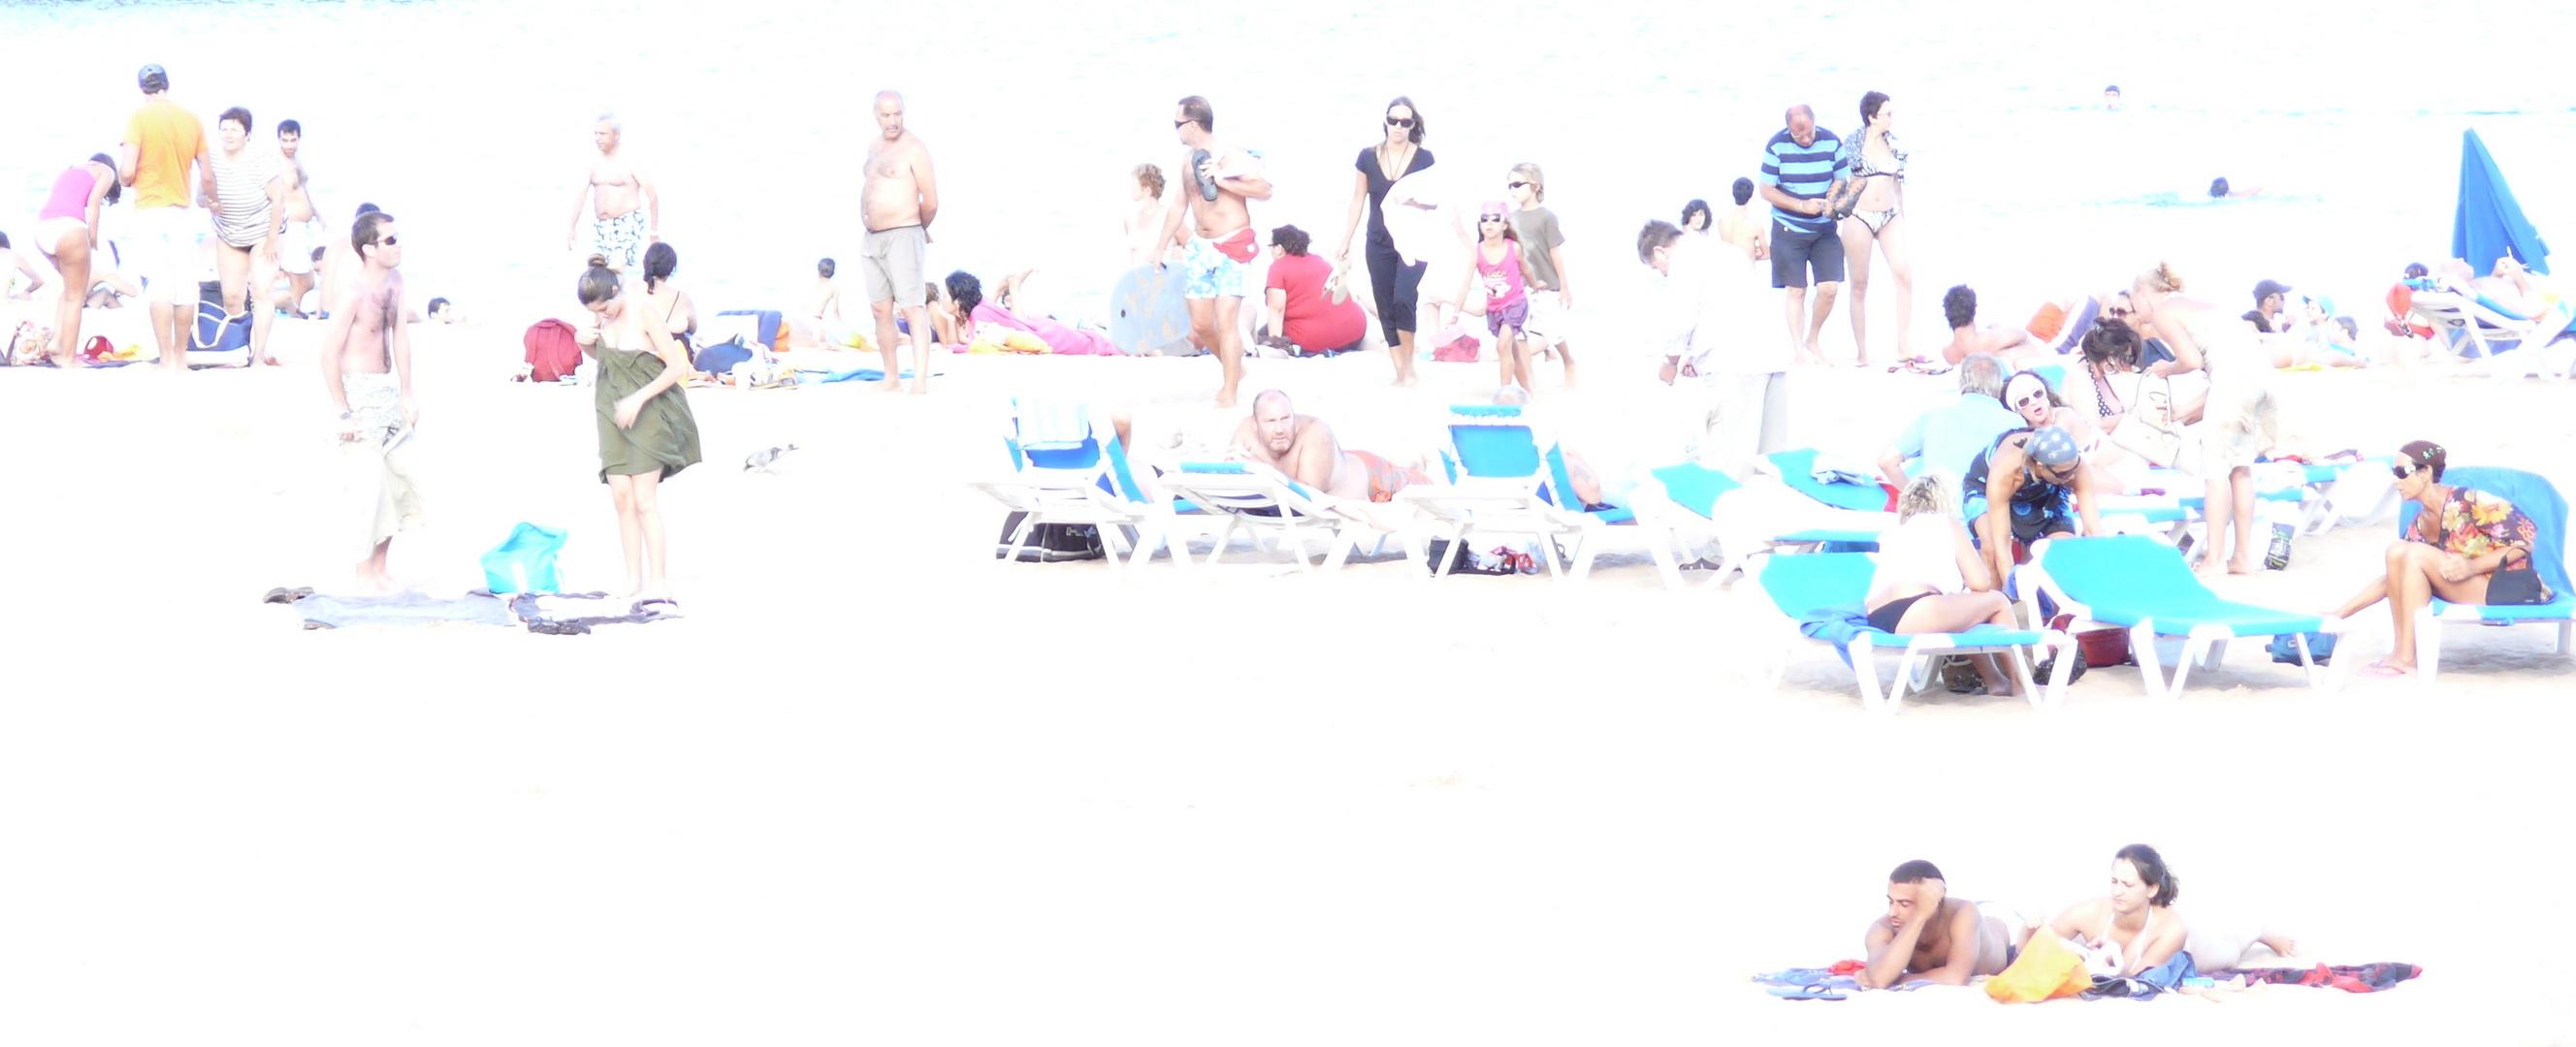 Manche gehn schon - am Strand auf Madeira